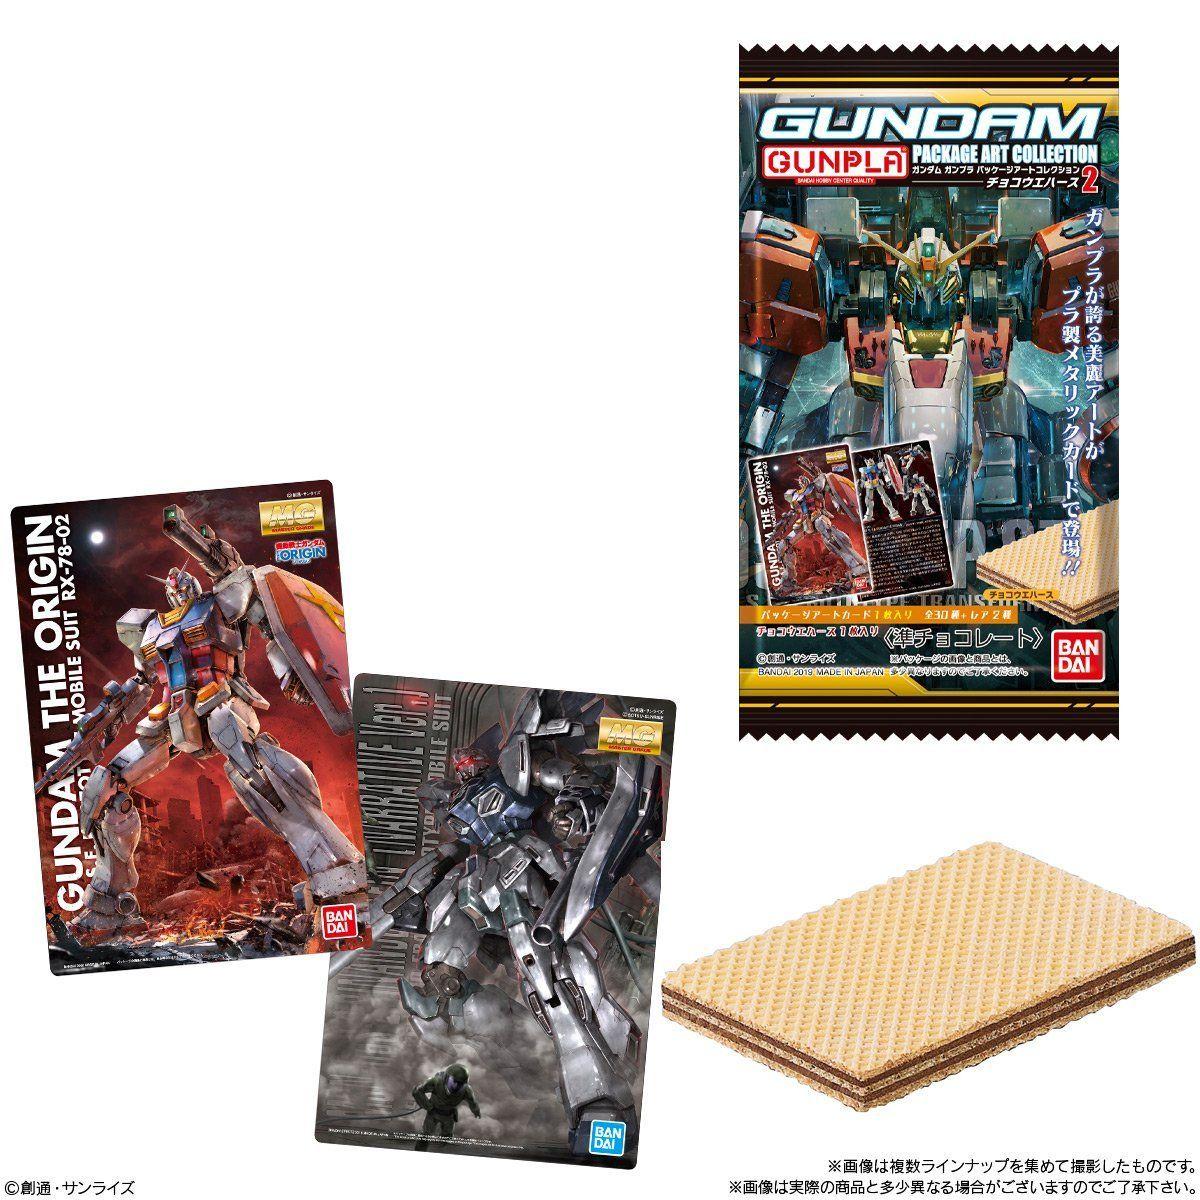 【食玩】『GUNDAMガンプラパッケージアートコレクション チョコウエハース2』20個入りBOX-002